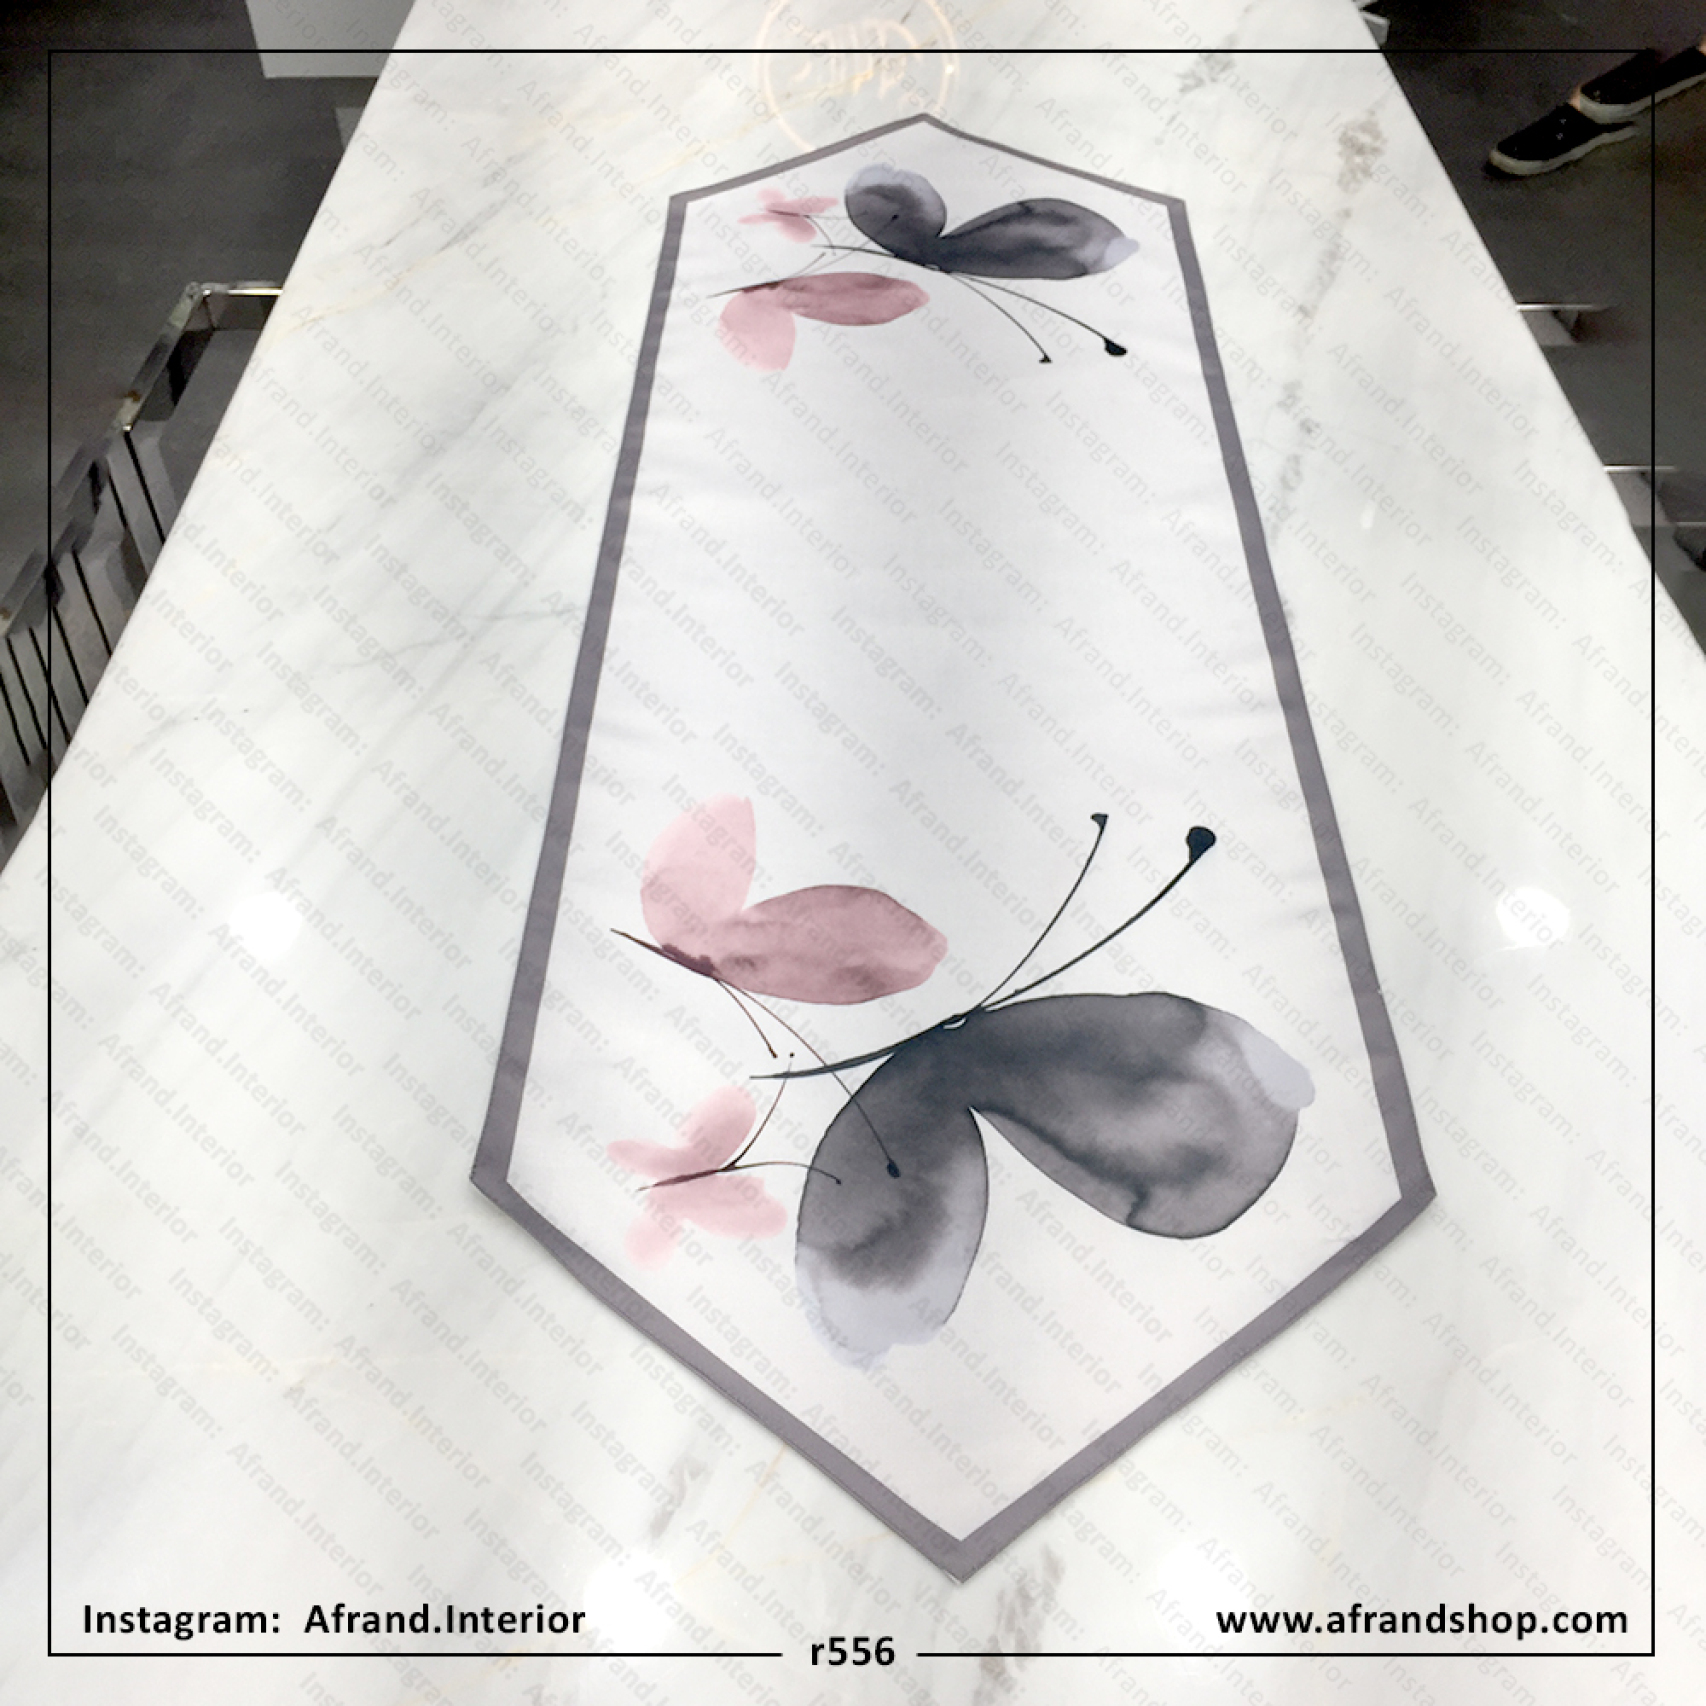 رانر پروانه توسی و صورتی مخمل و تانسو برای میز ناهارخوری و اوپن